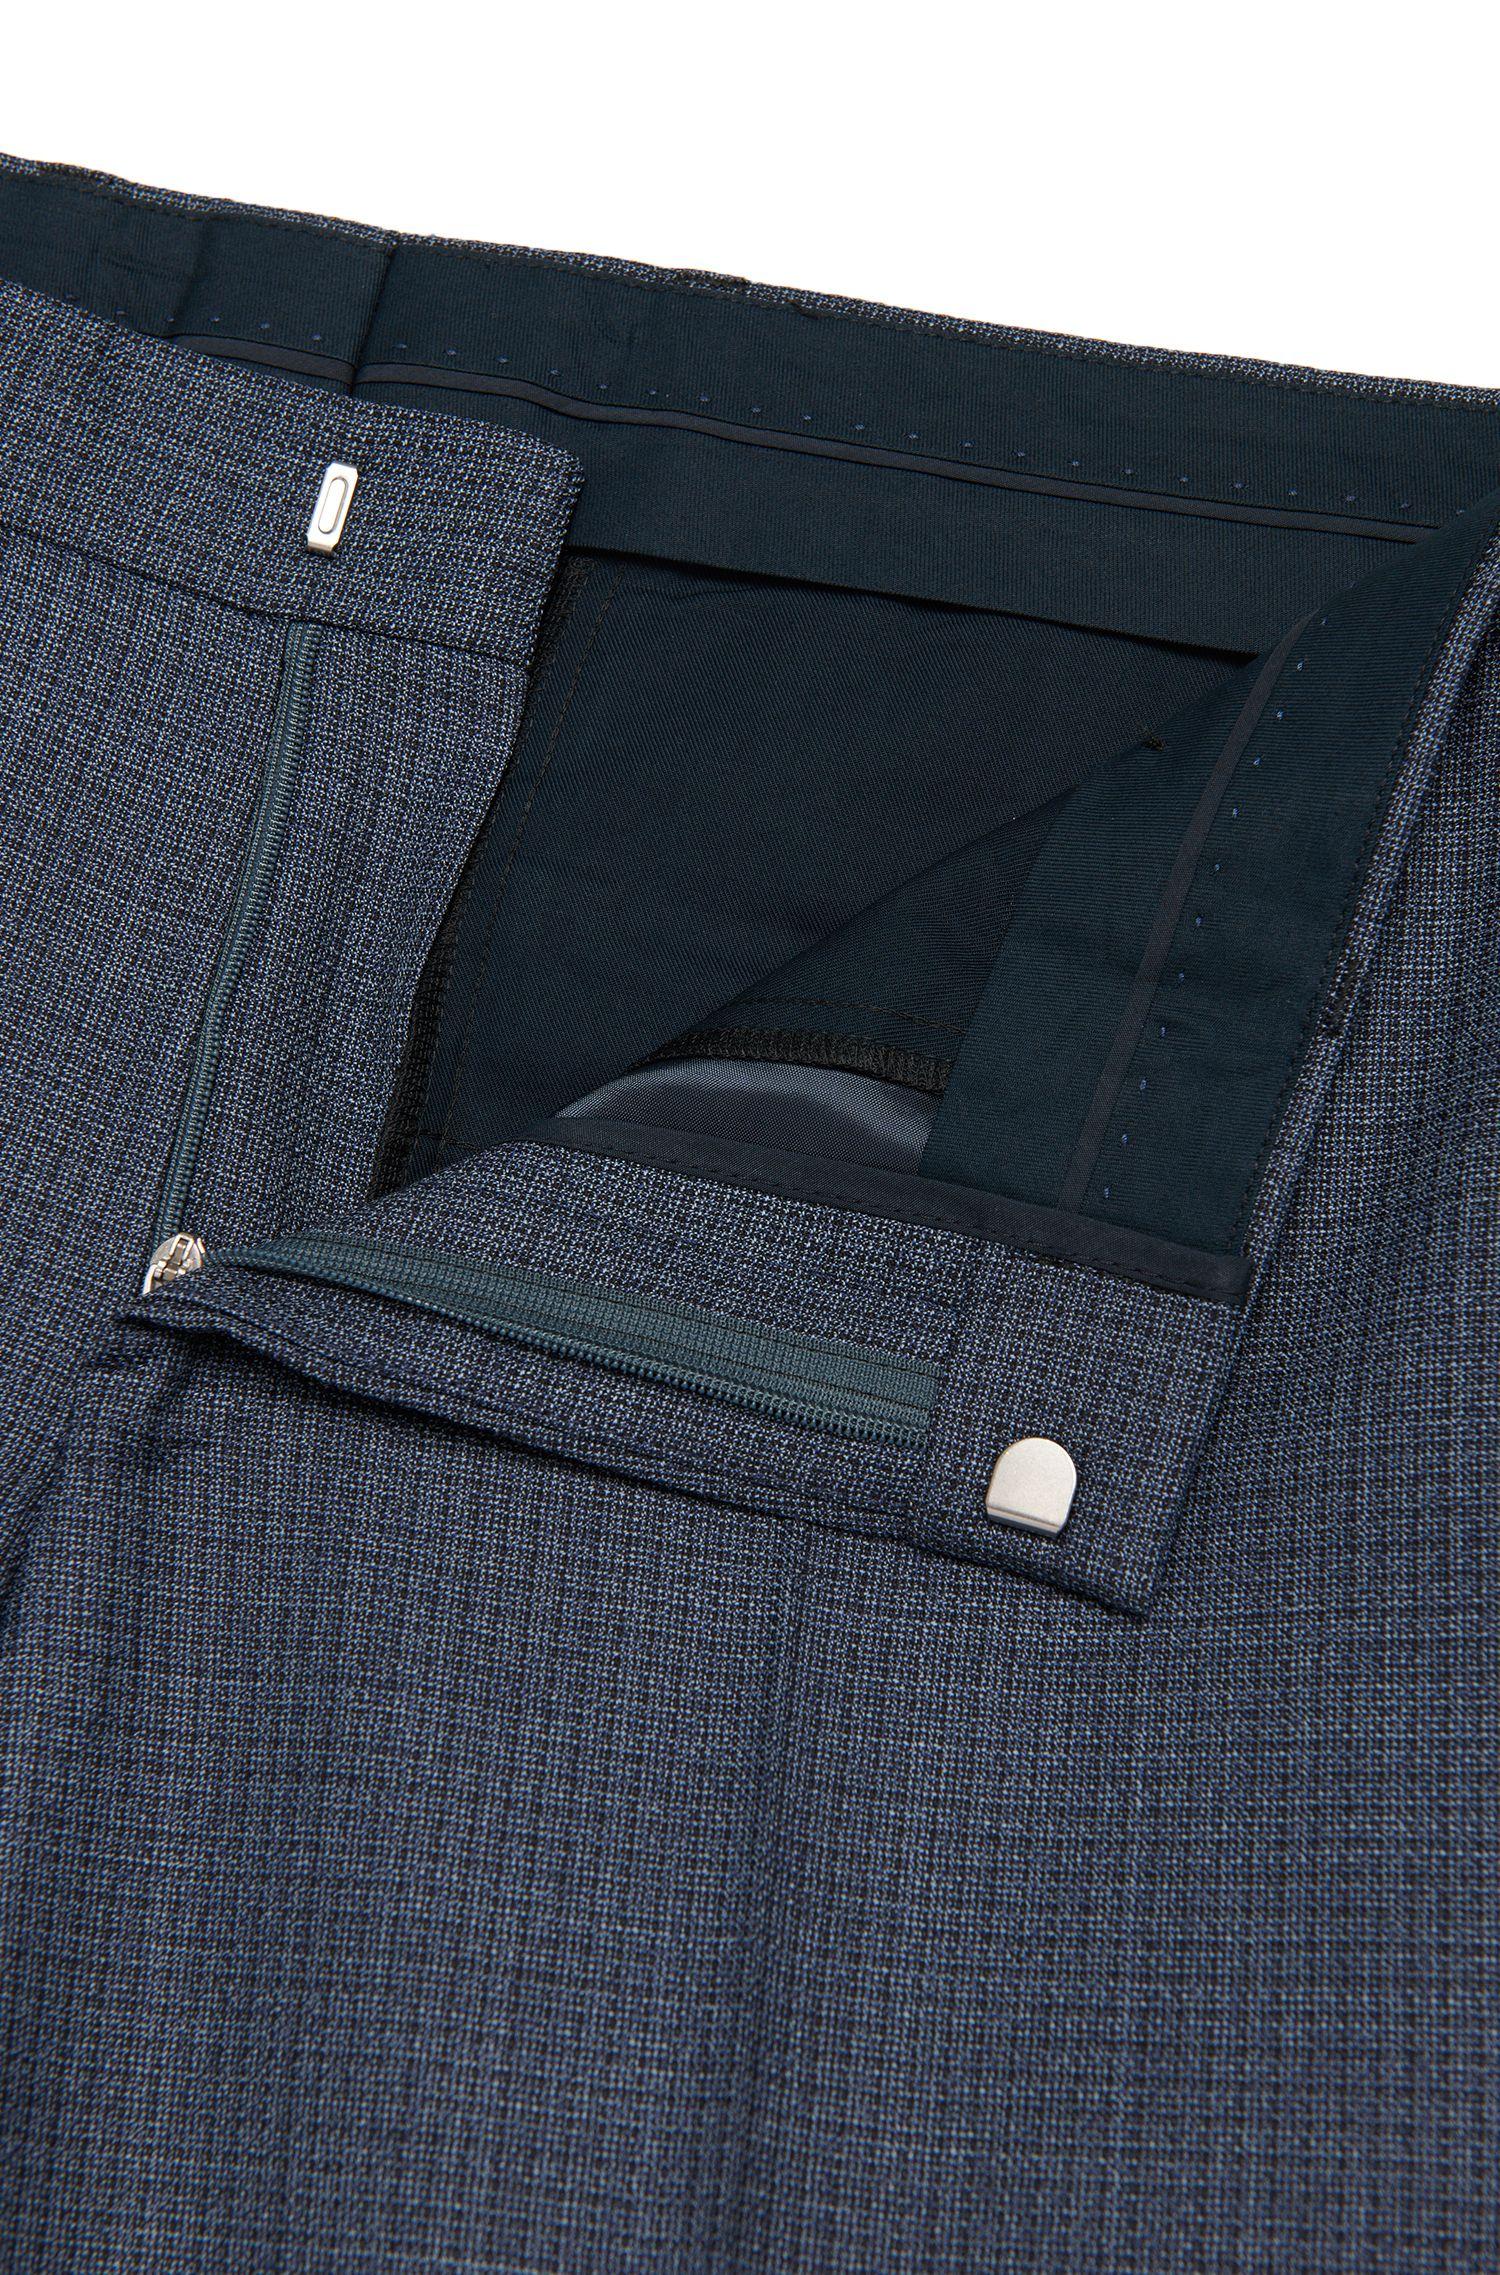 Strukturierter Slim-Fit Anzug aus Schurwolle: 'Hutson3/Gander1'